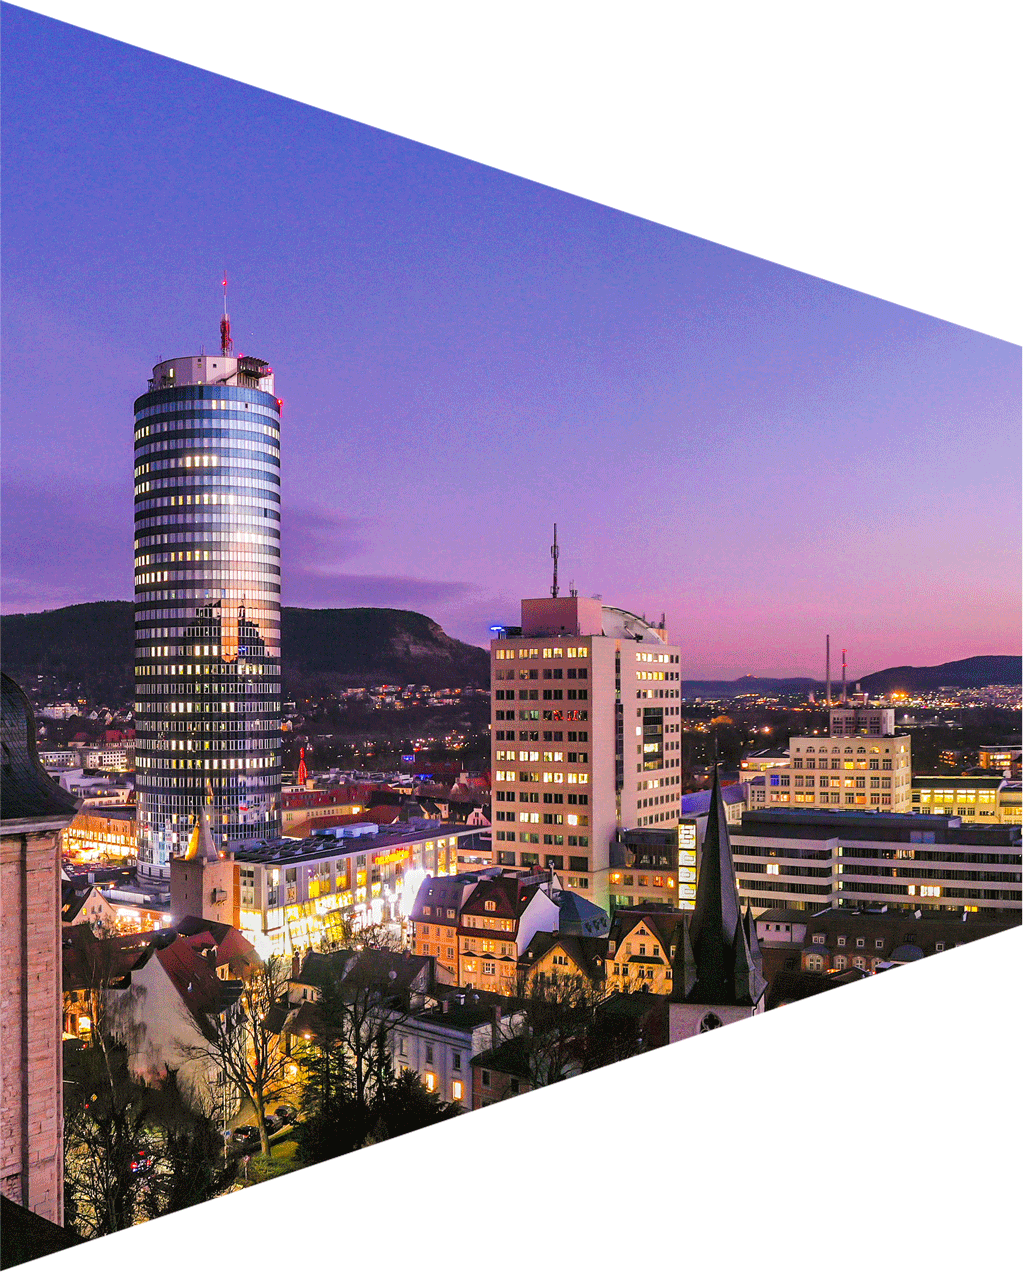 Blick auf die Innenstadt von Jena in der Dämmerung.